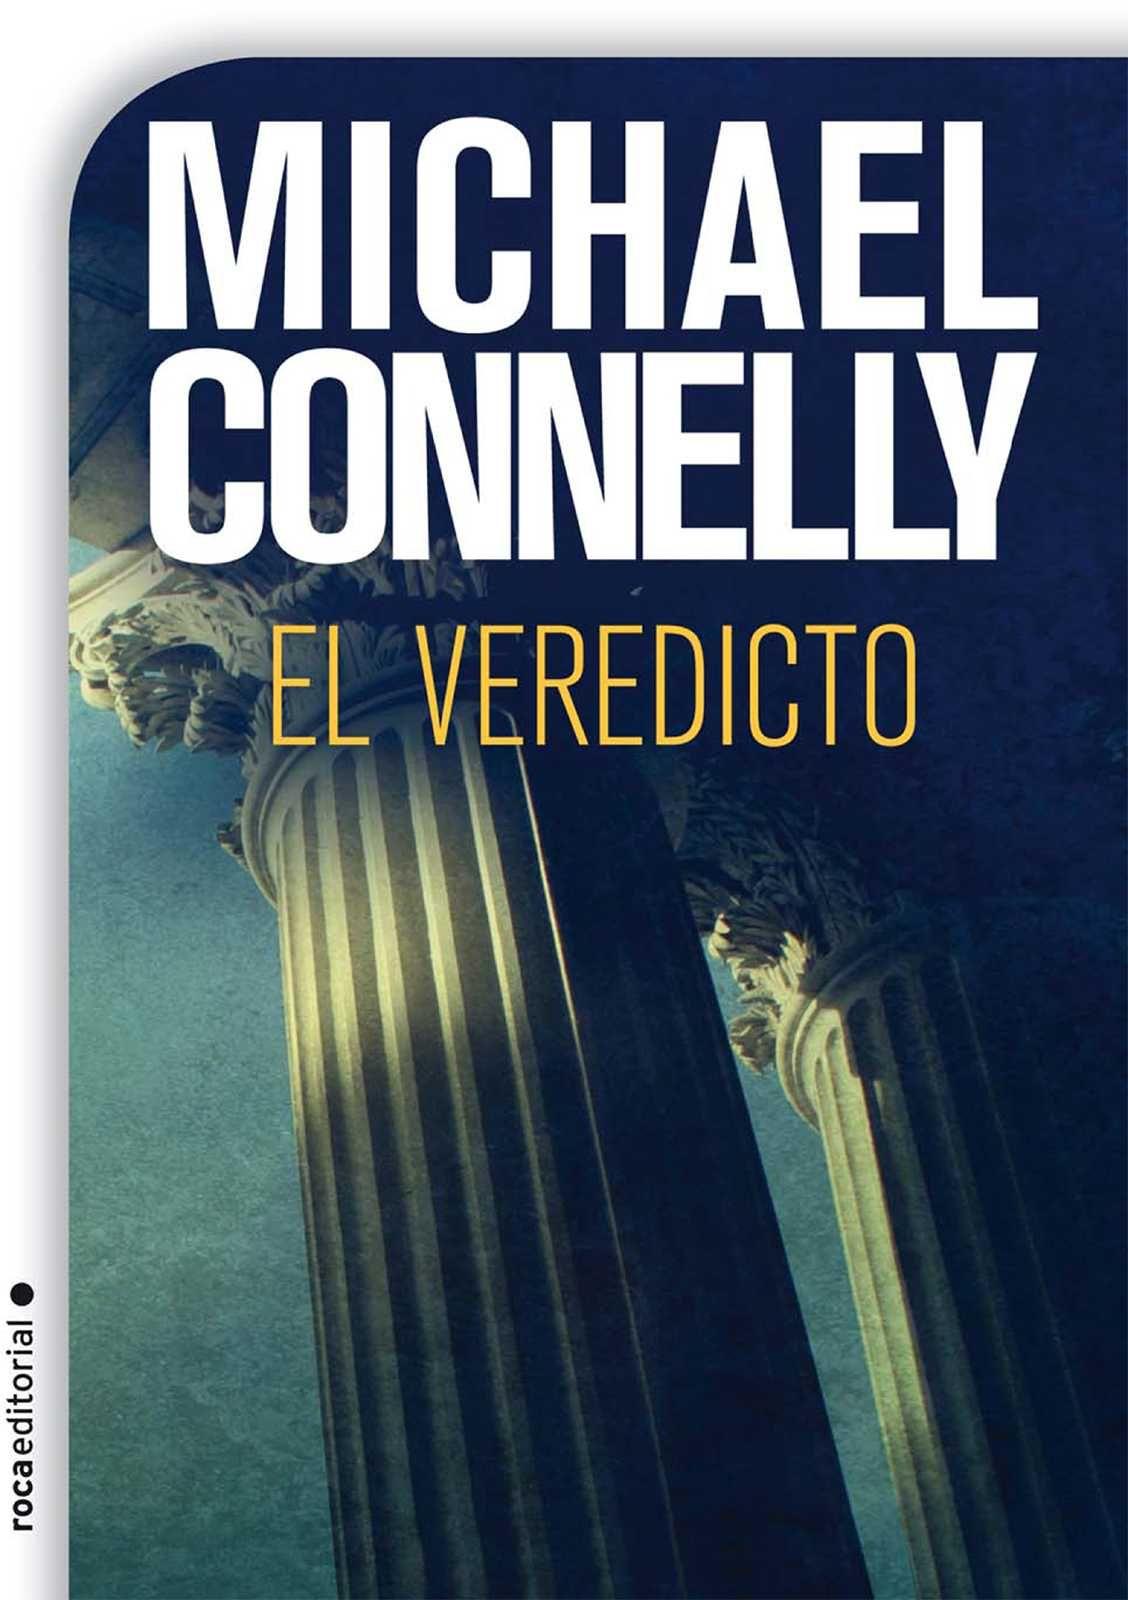 Amazon.com: El veredicto (Bestseller (roca)) (Spanish Edition)